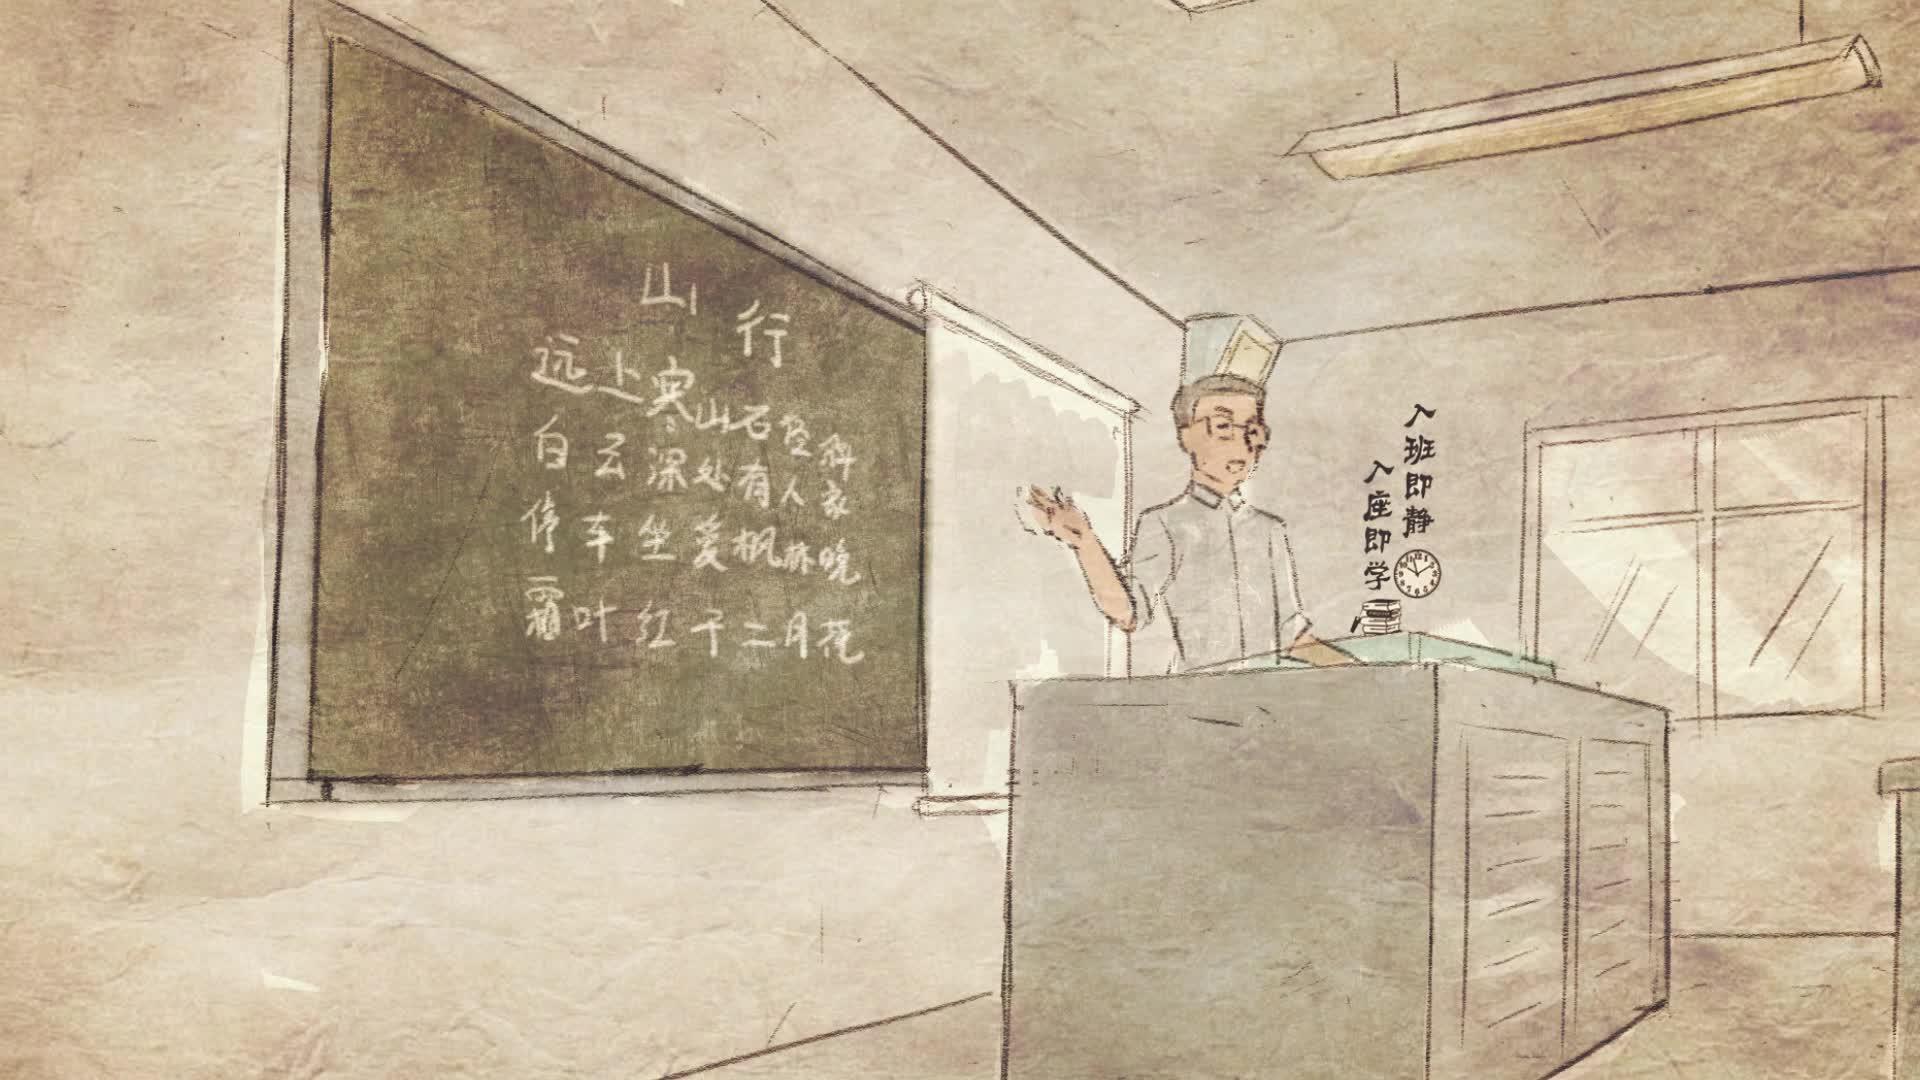 鹰潭税务局MG动画